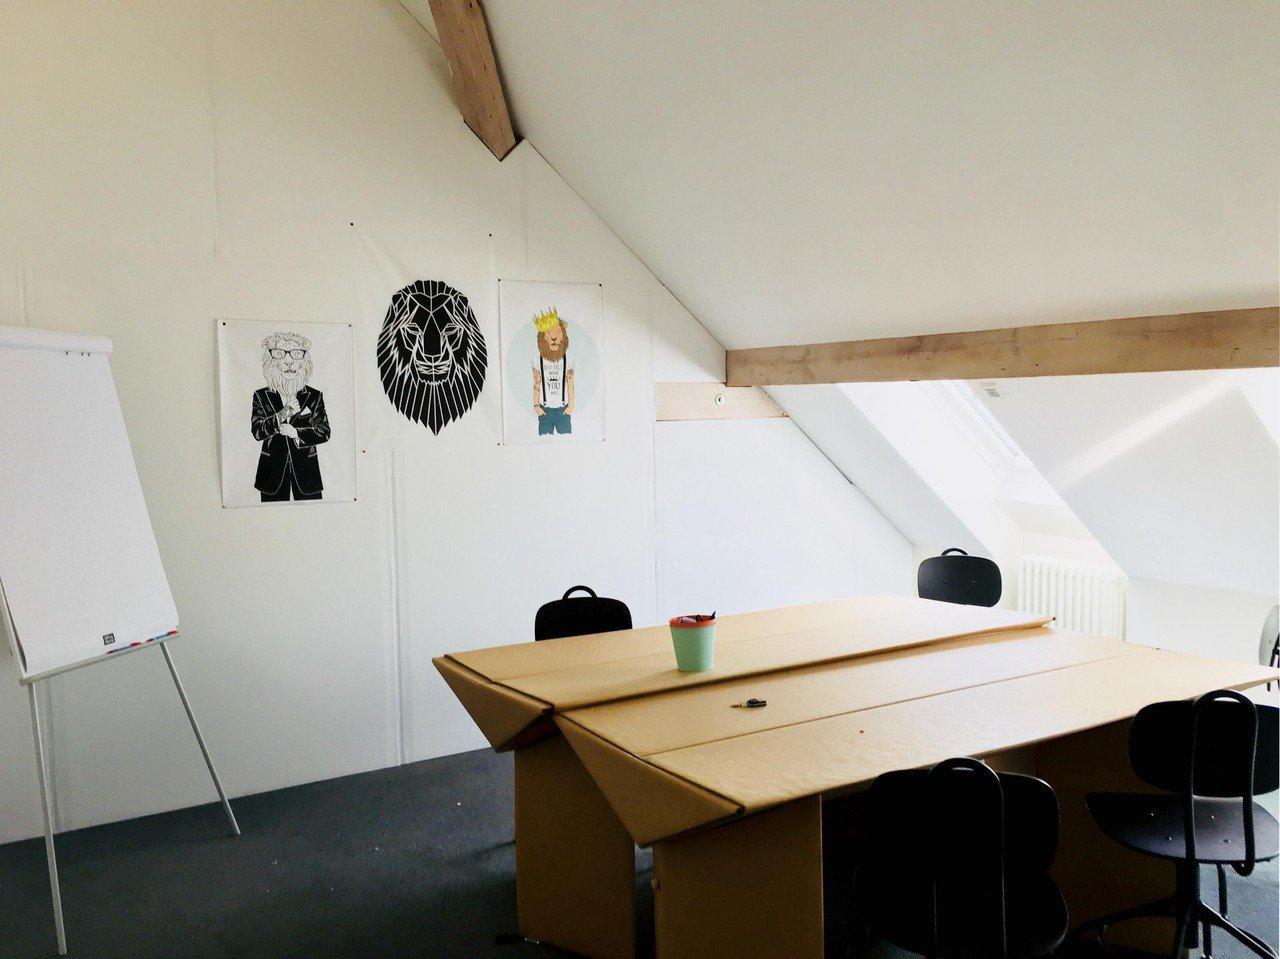 Zurich workshop spaces Salle de réunion Meeting Room - Thank God it's Monday image 1